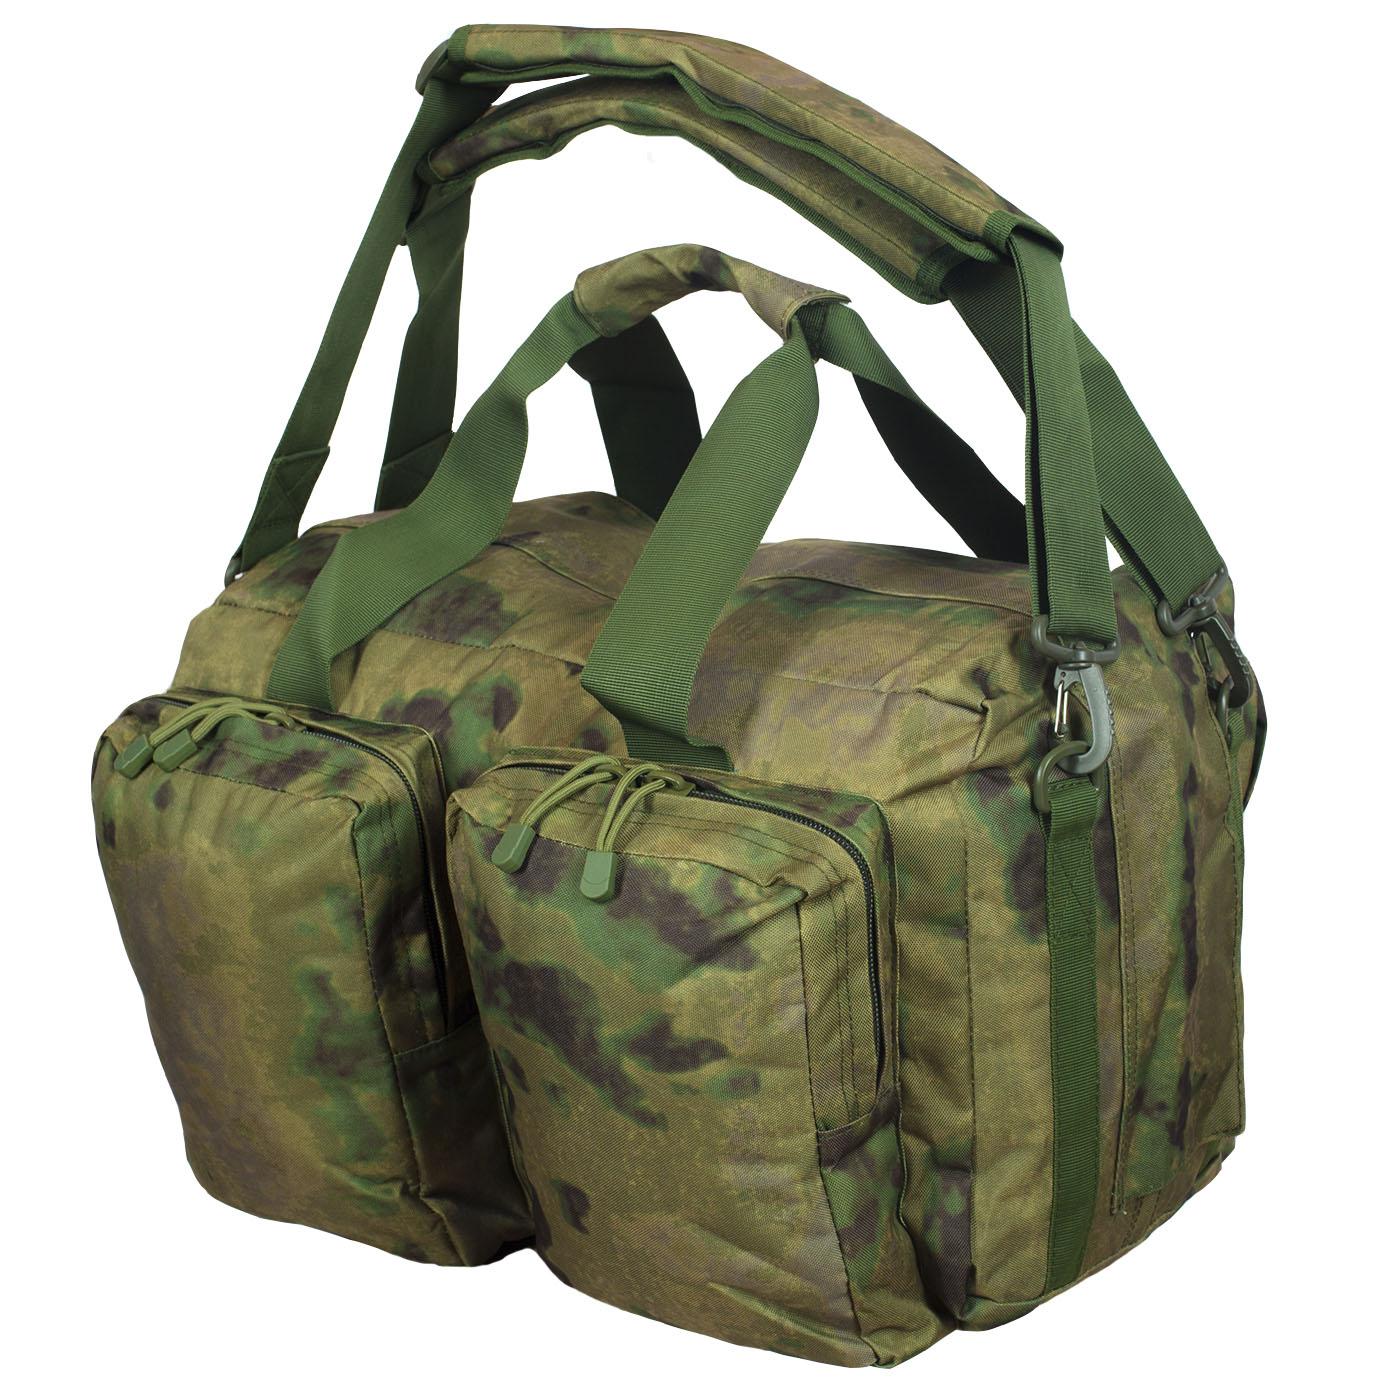 Заплечная камуфляжная сумка с нашивкой Эх, хвост, чешуя - заказать с доставкой